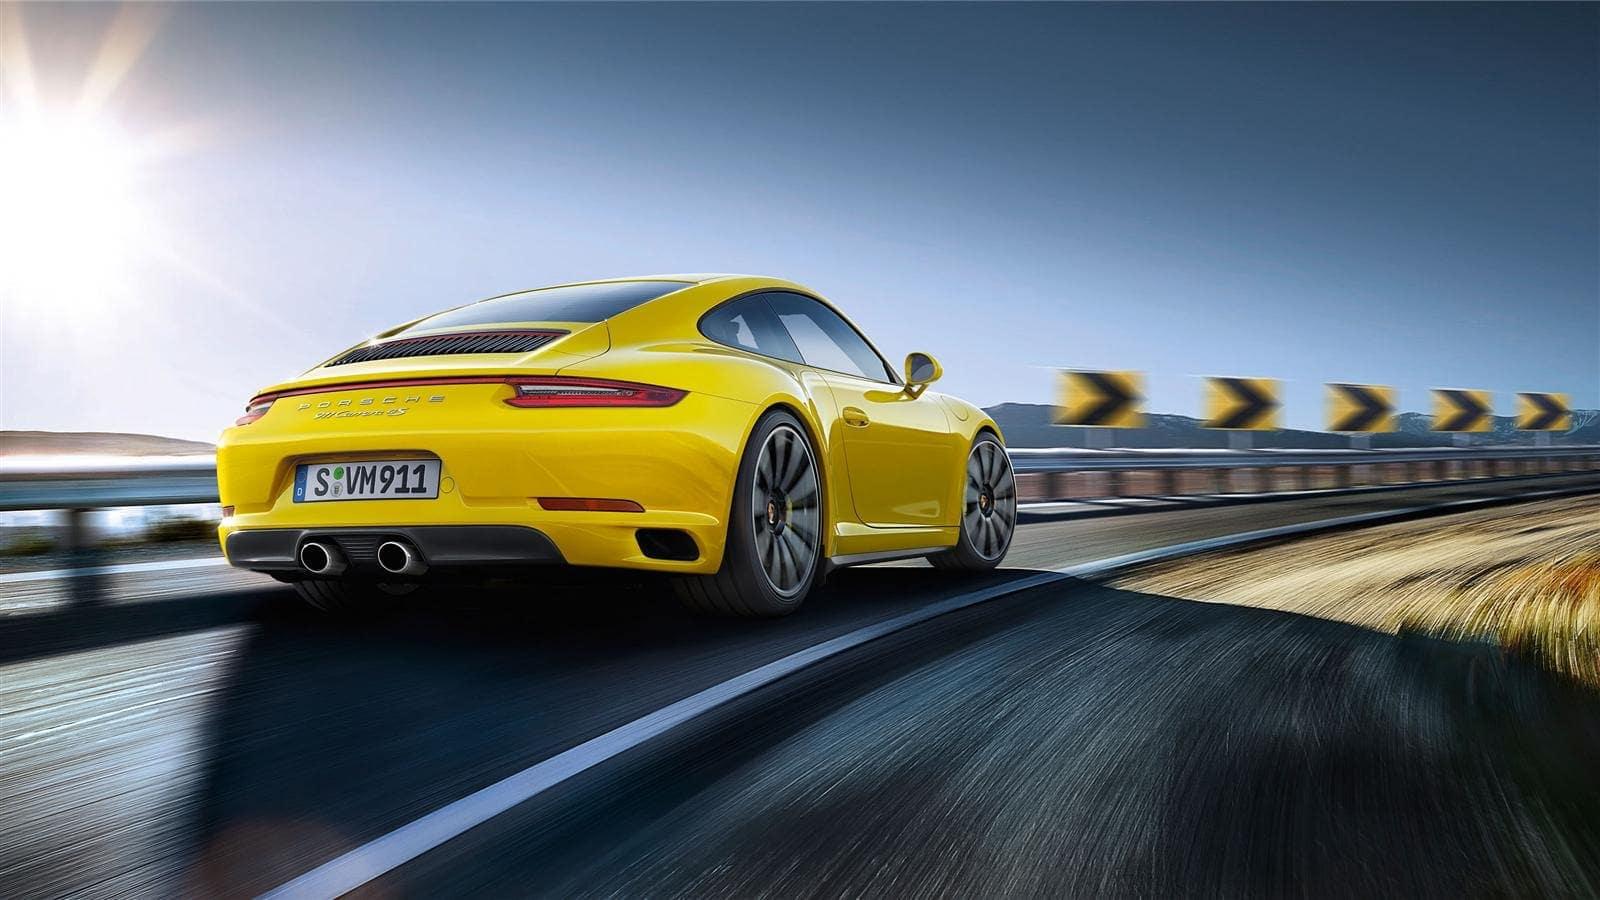 Porsche 911 yellow car